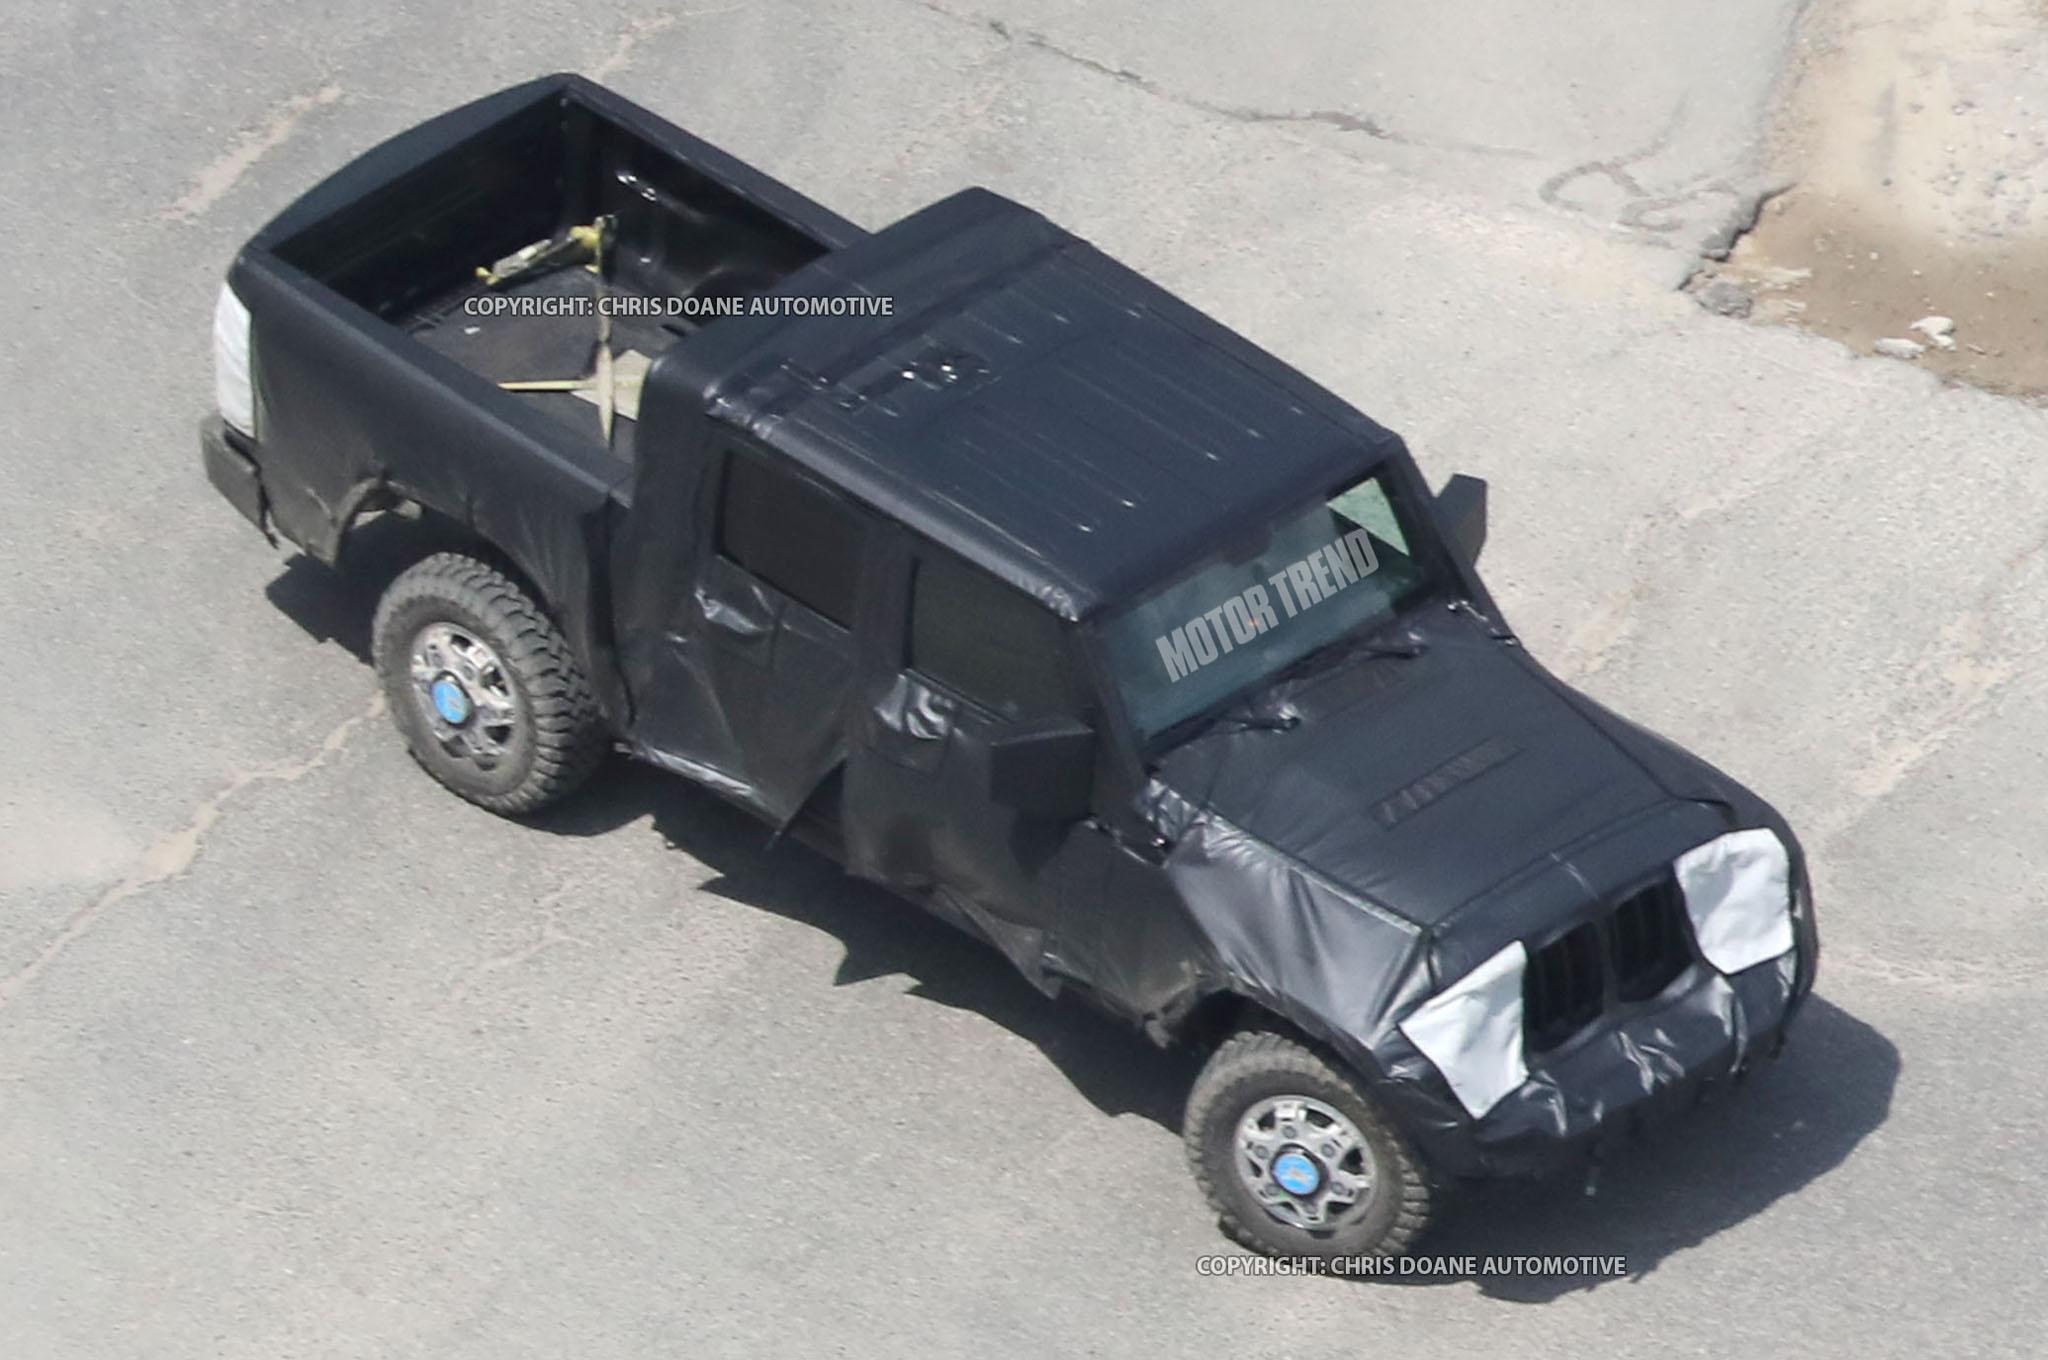 Camioneta Jeep Wrangler Es Captada Por Primera Vez